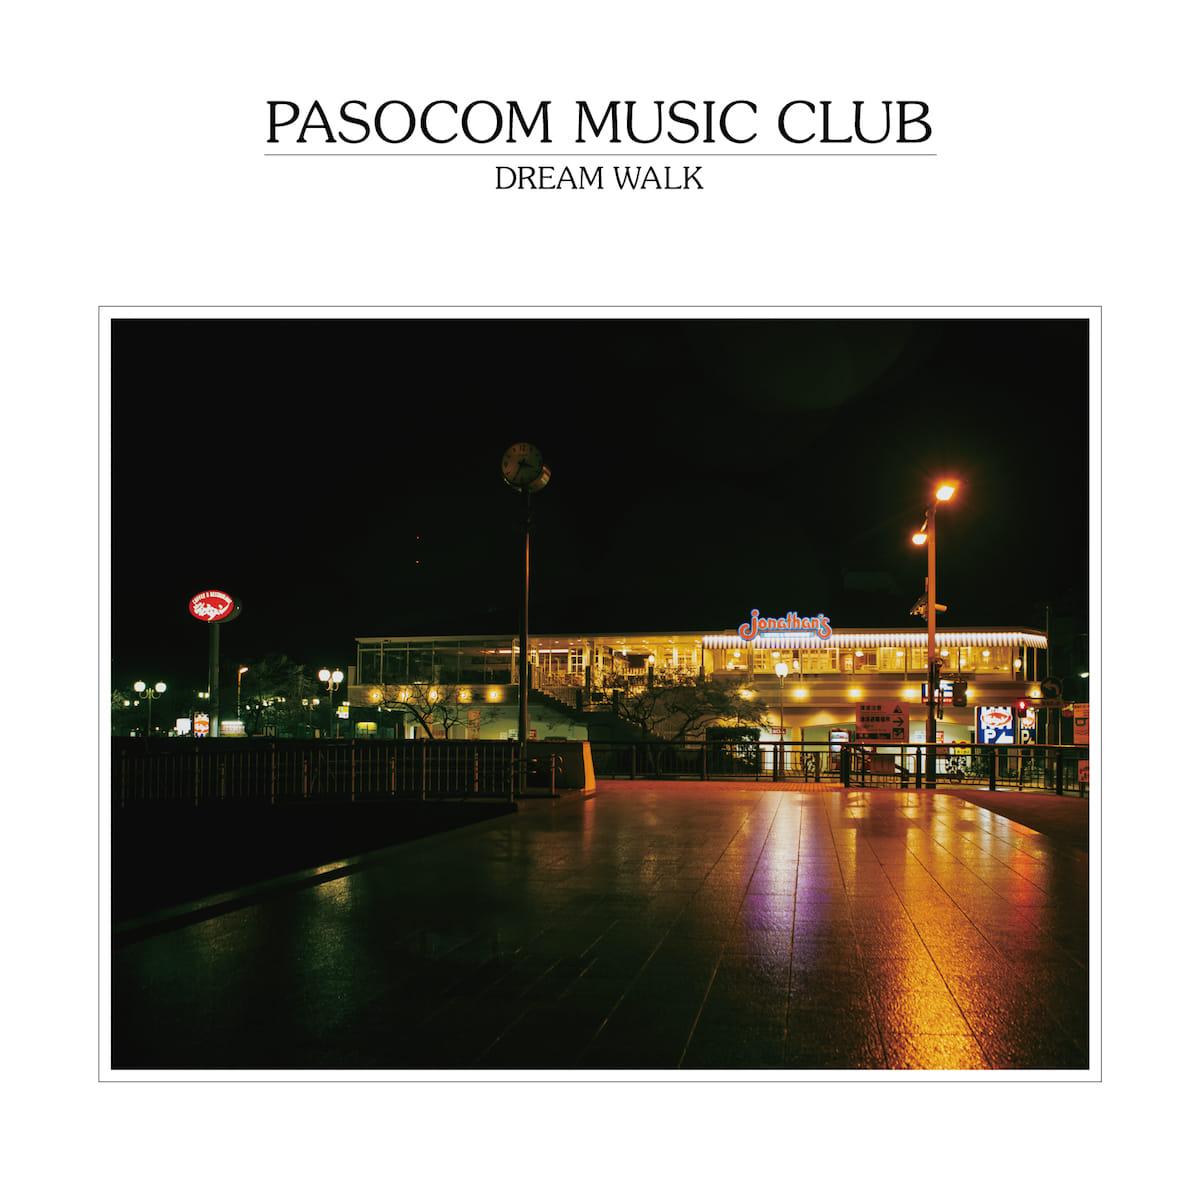 tofubeatsも大注目する新進気鋭アーティスト「パソコン音楽クラブ」、待望の全国流通フル・アルバムが遂にリリース! music180523-pasoconongaku-2-1200x1186